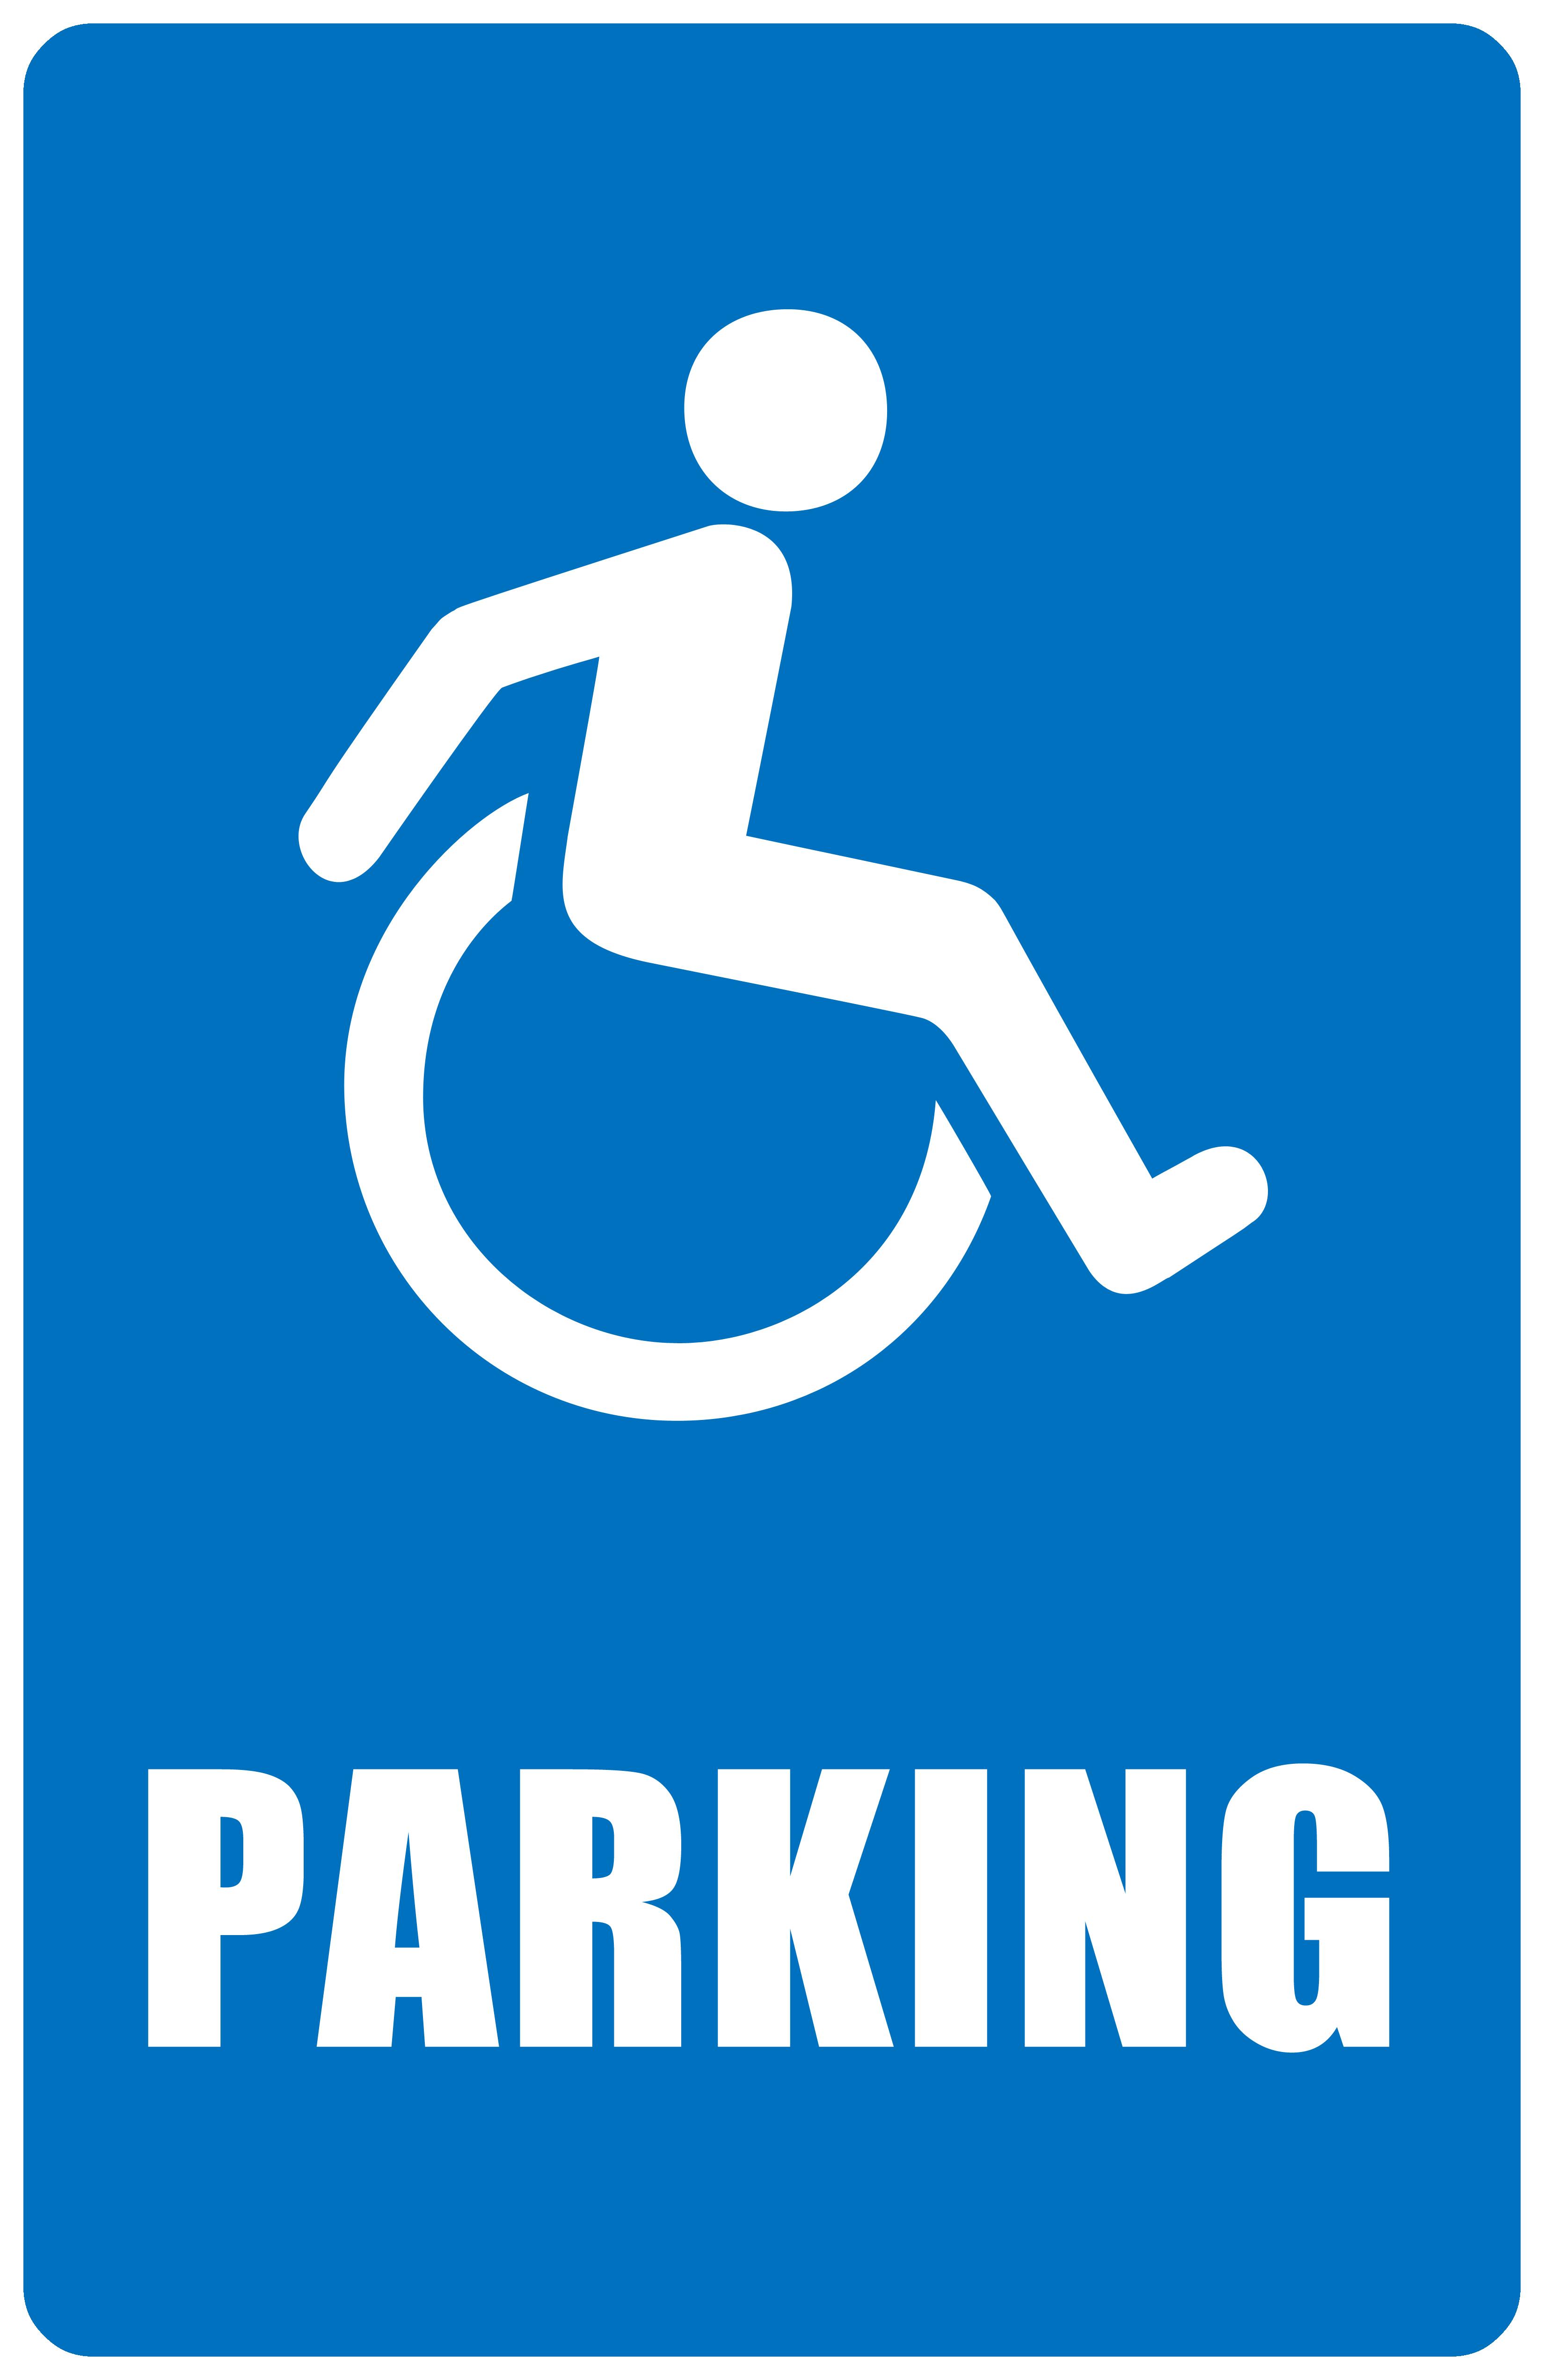 Parking Logos